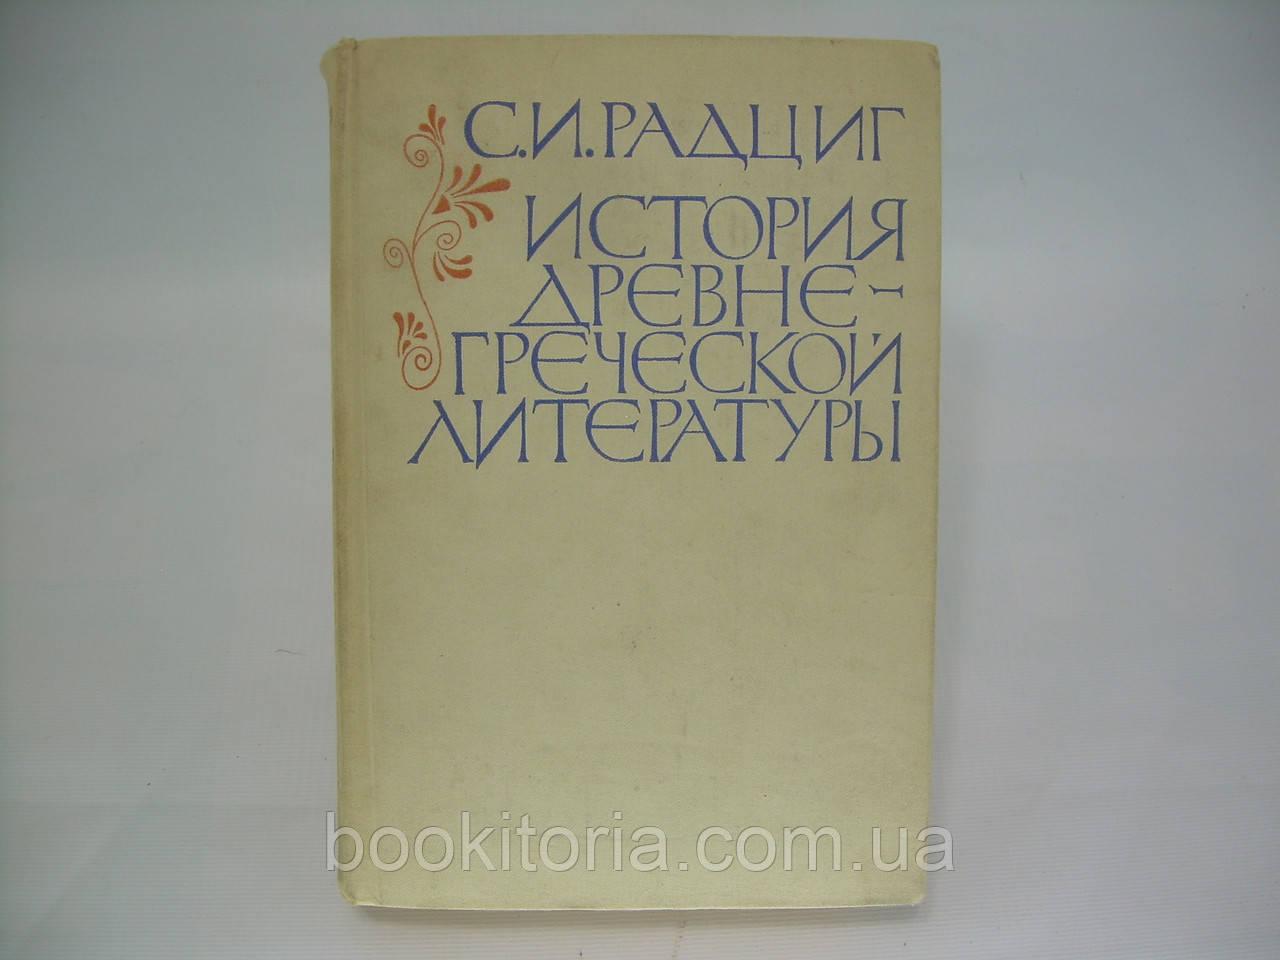 Радциг С.И. История древнегреческой литературы (б/у).